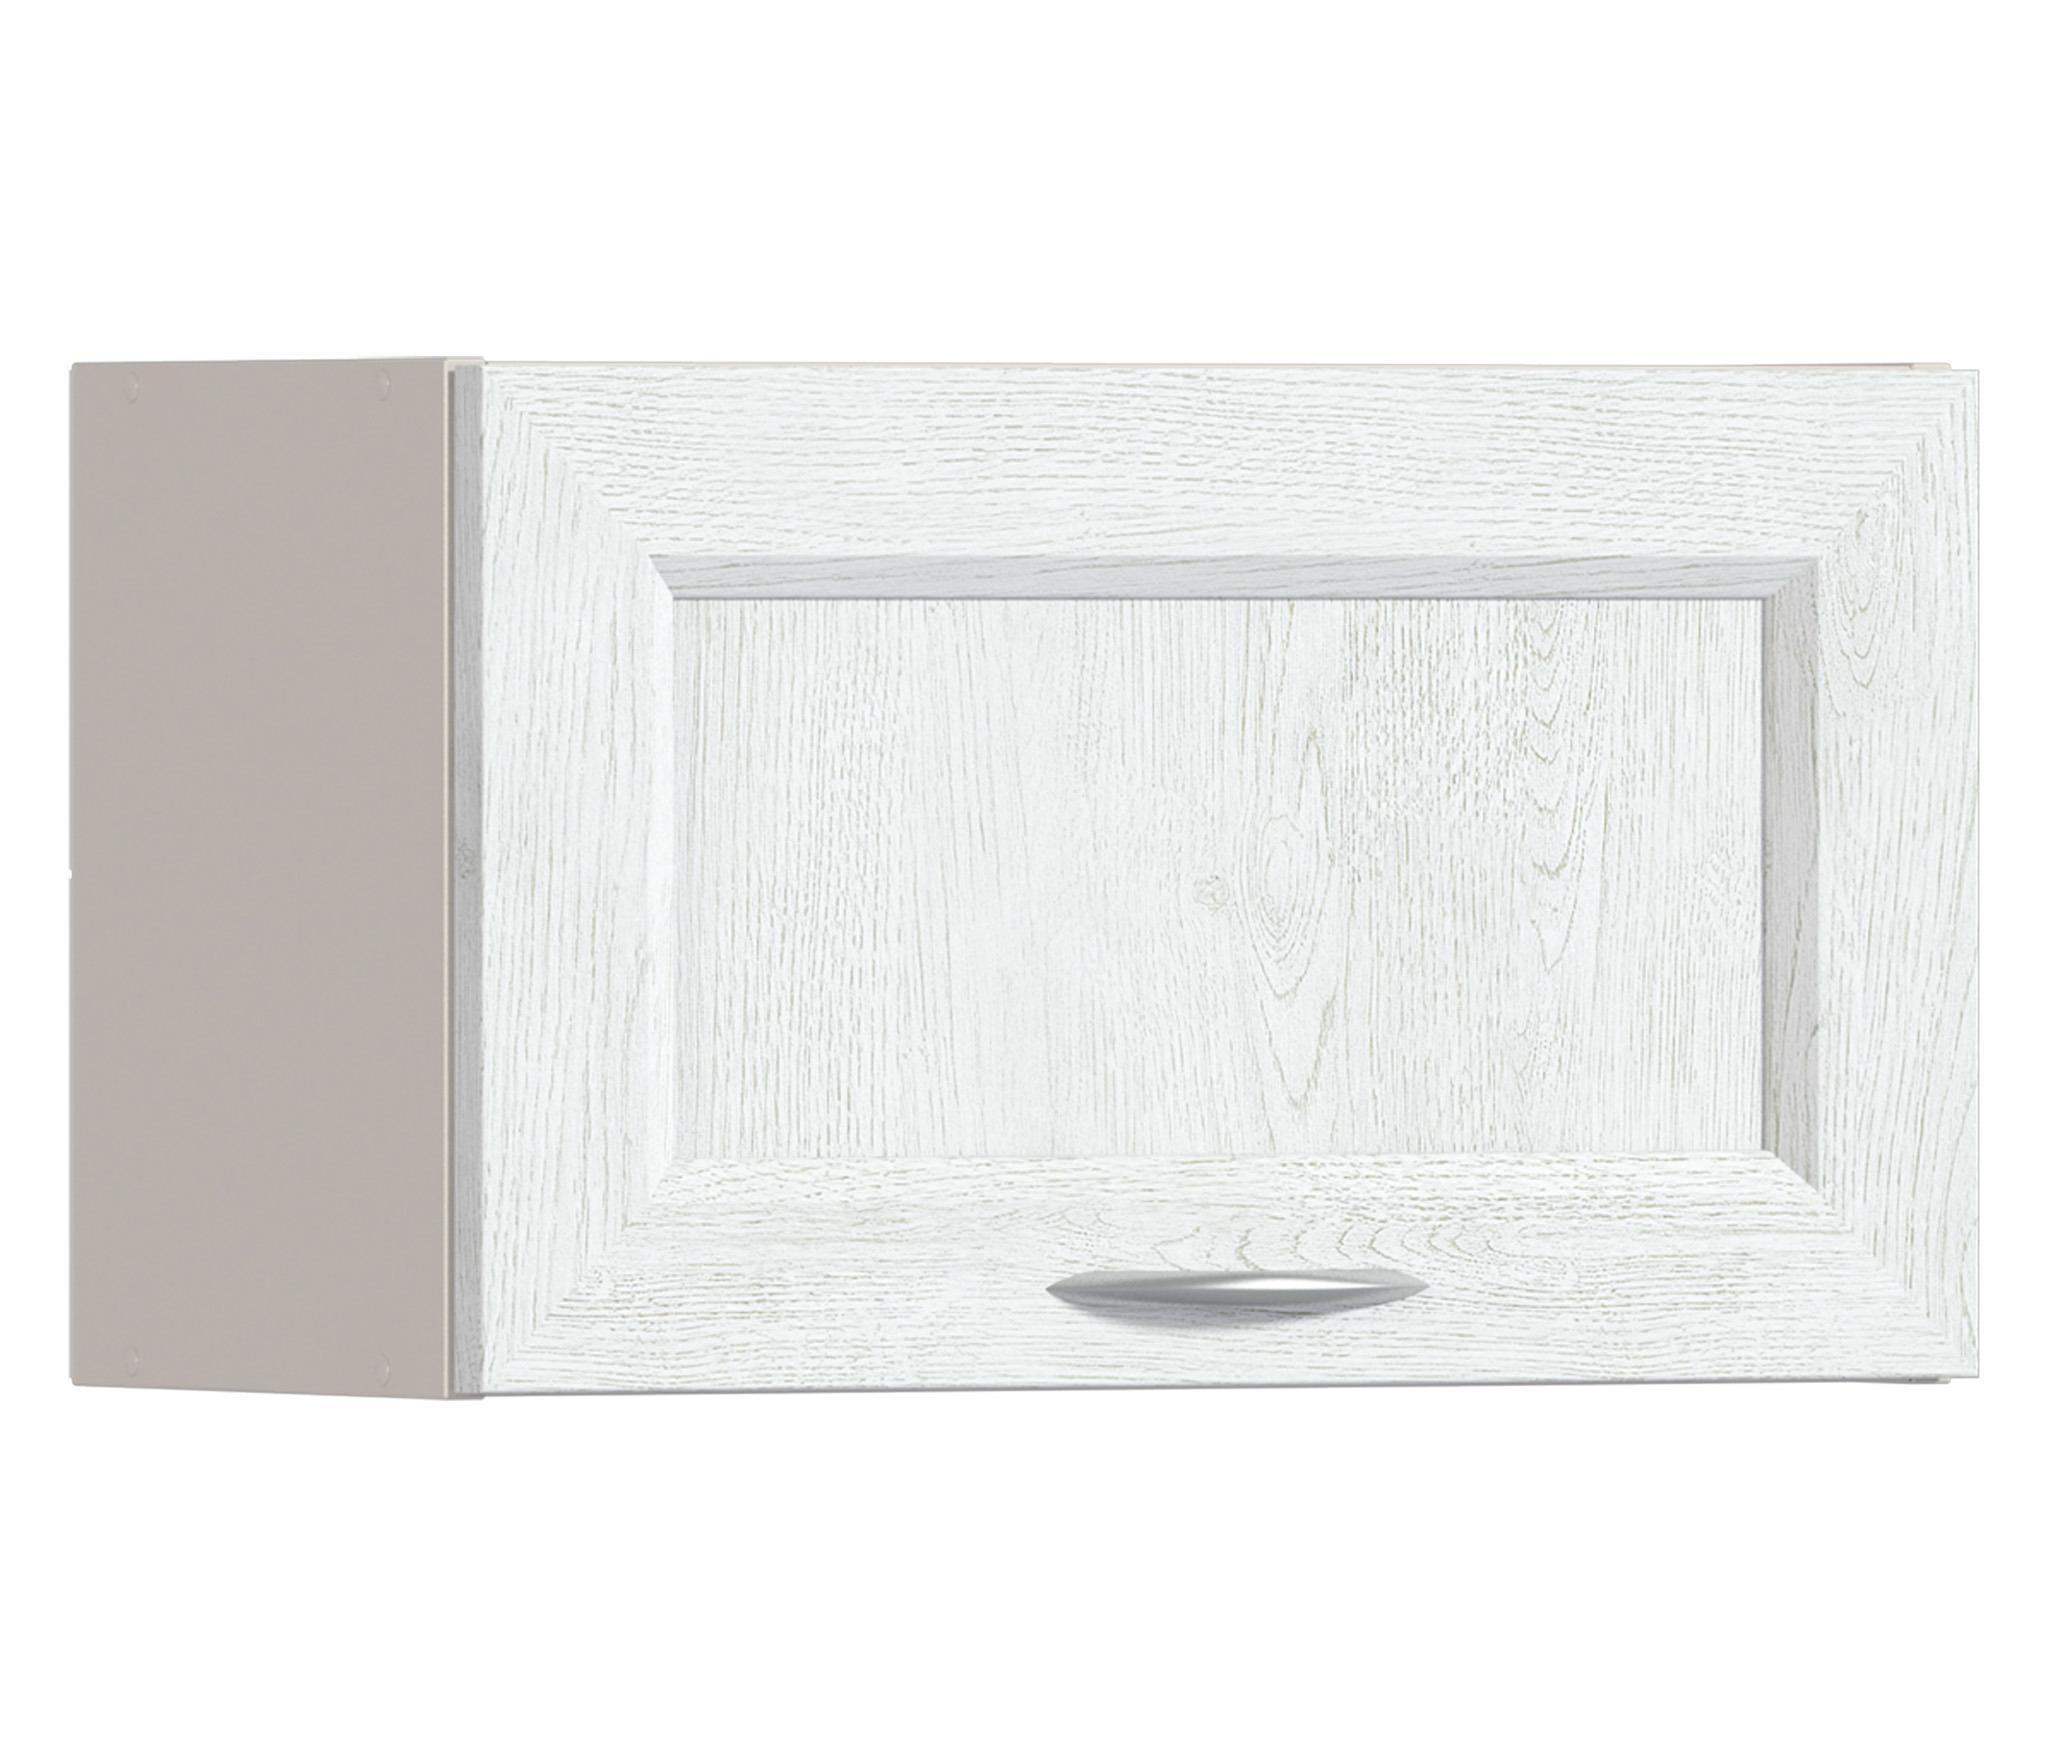 Регина РП-260 полка над вытяжкойГарнитуры<br>Каркас имеет устойчивую конструкцию, а сама полка вместительна и идеально подходит для хранения посуды, круп, кухонных мелочей.<br><br>Длина мм: 600<br>Высота мм: 360<br>Глубина мм: 289